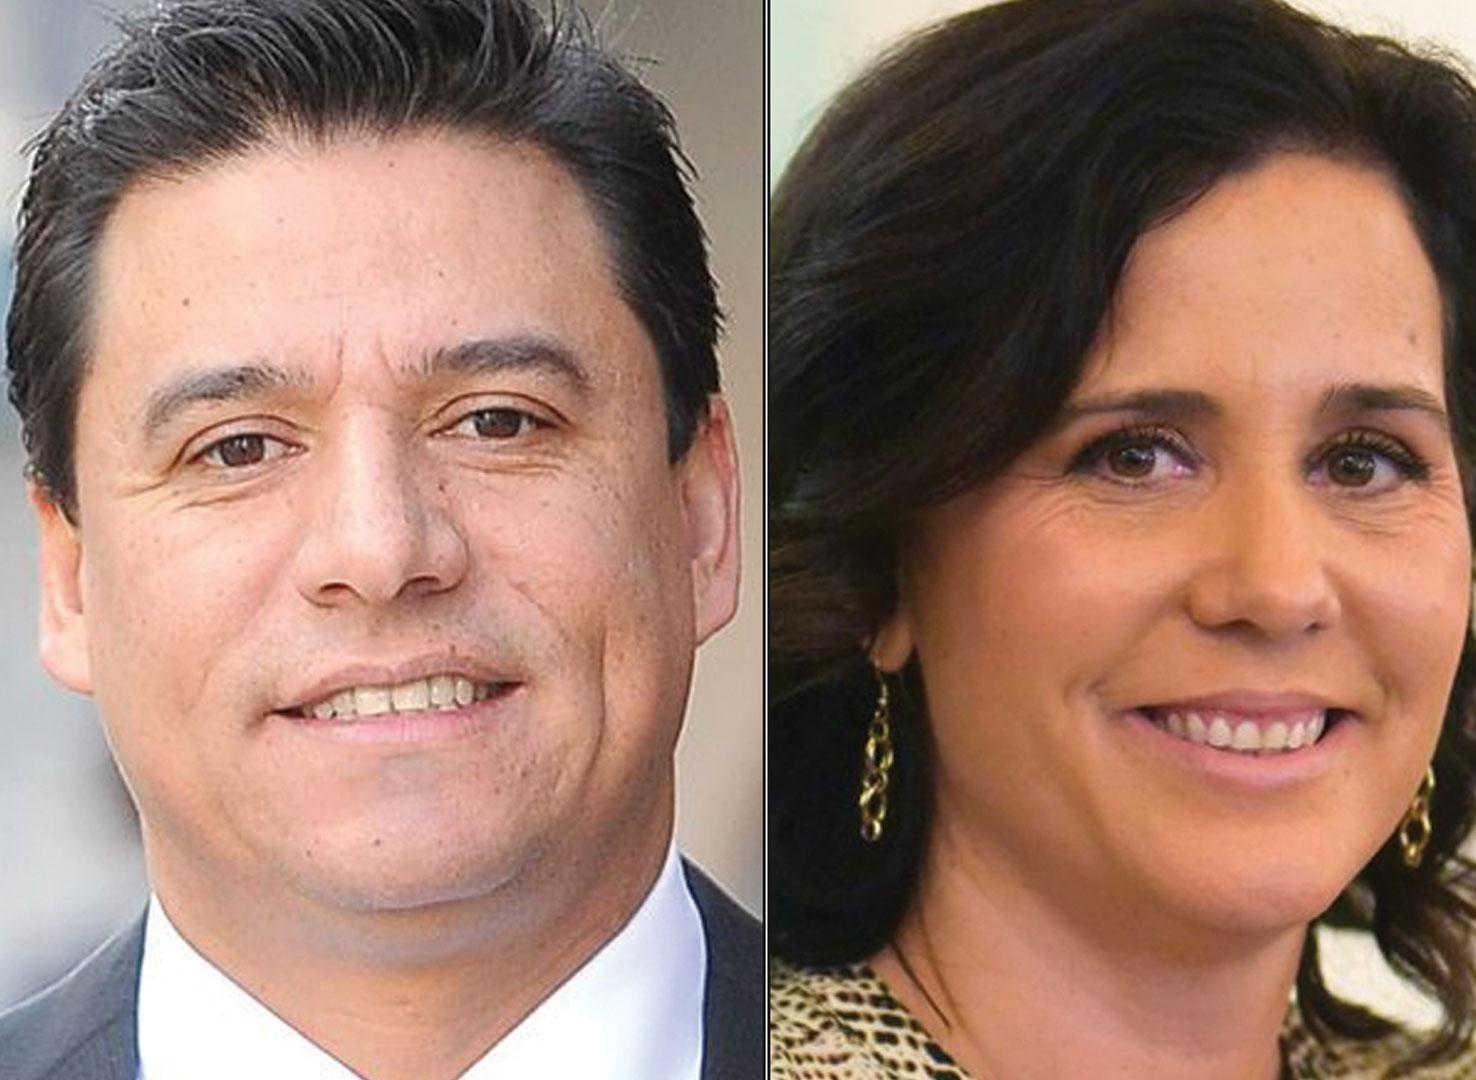 Jose huizar sexual harassment